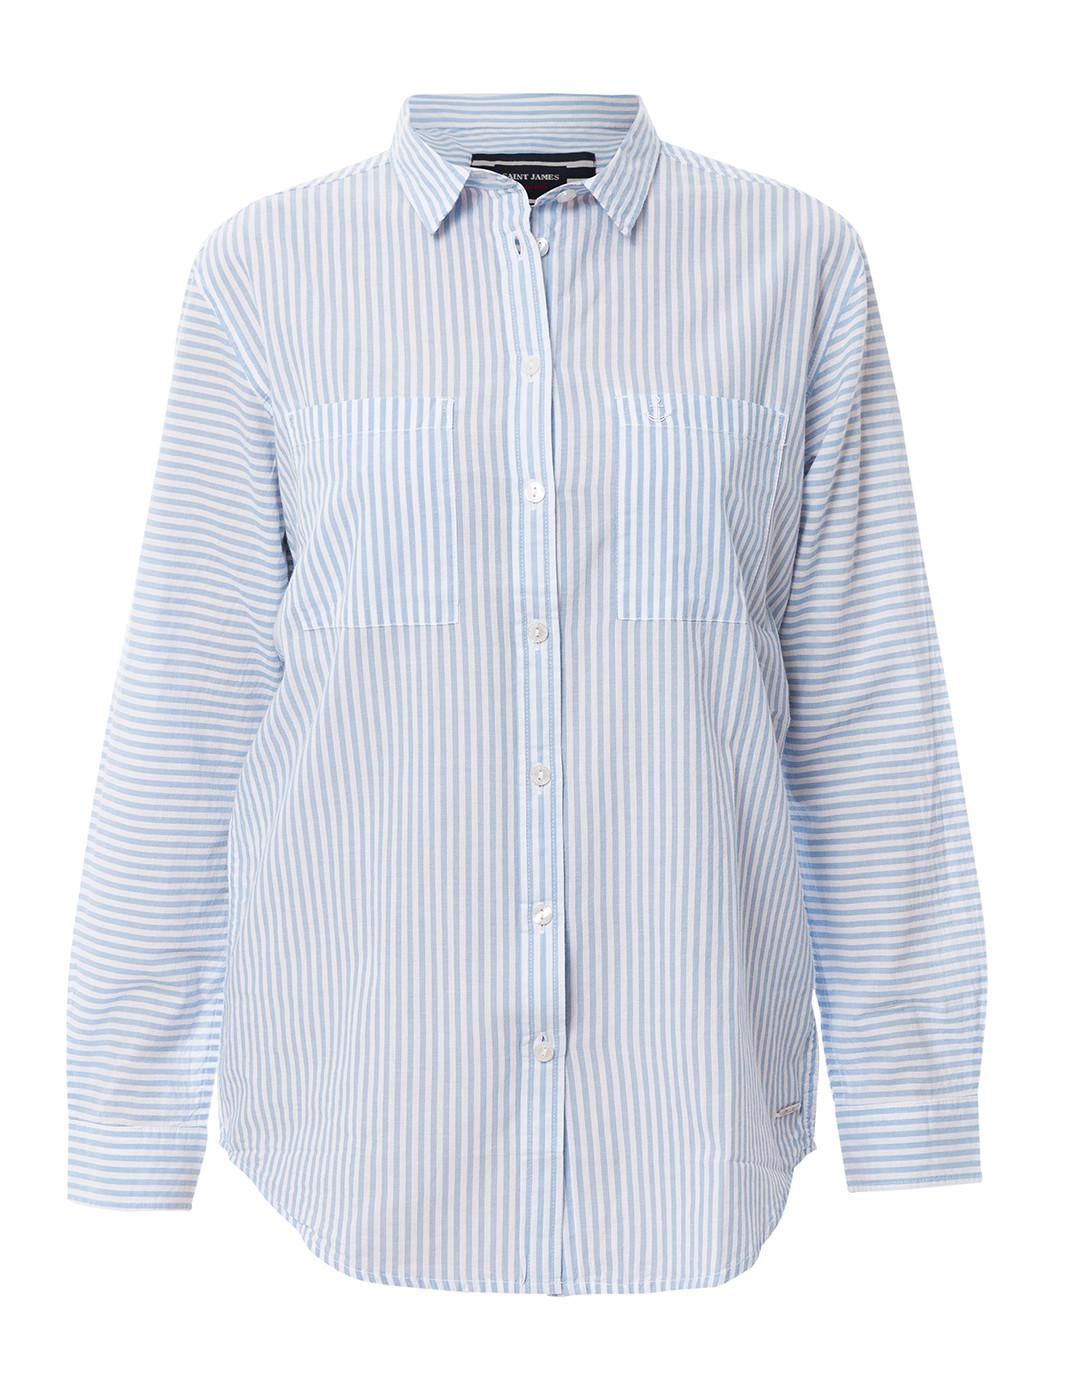 2dfdf89cc6d Laetitia White and Blue Striped Button Down Shirt